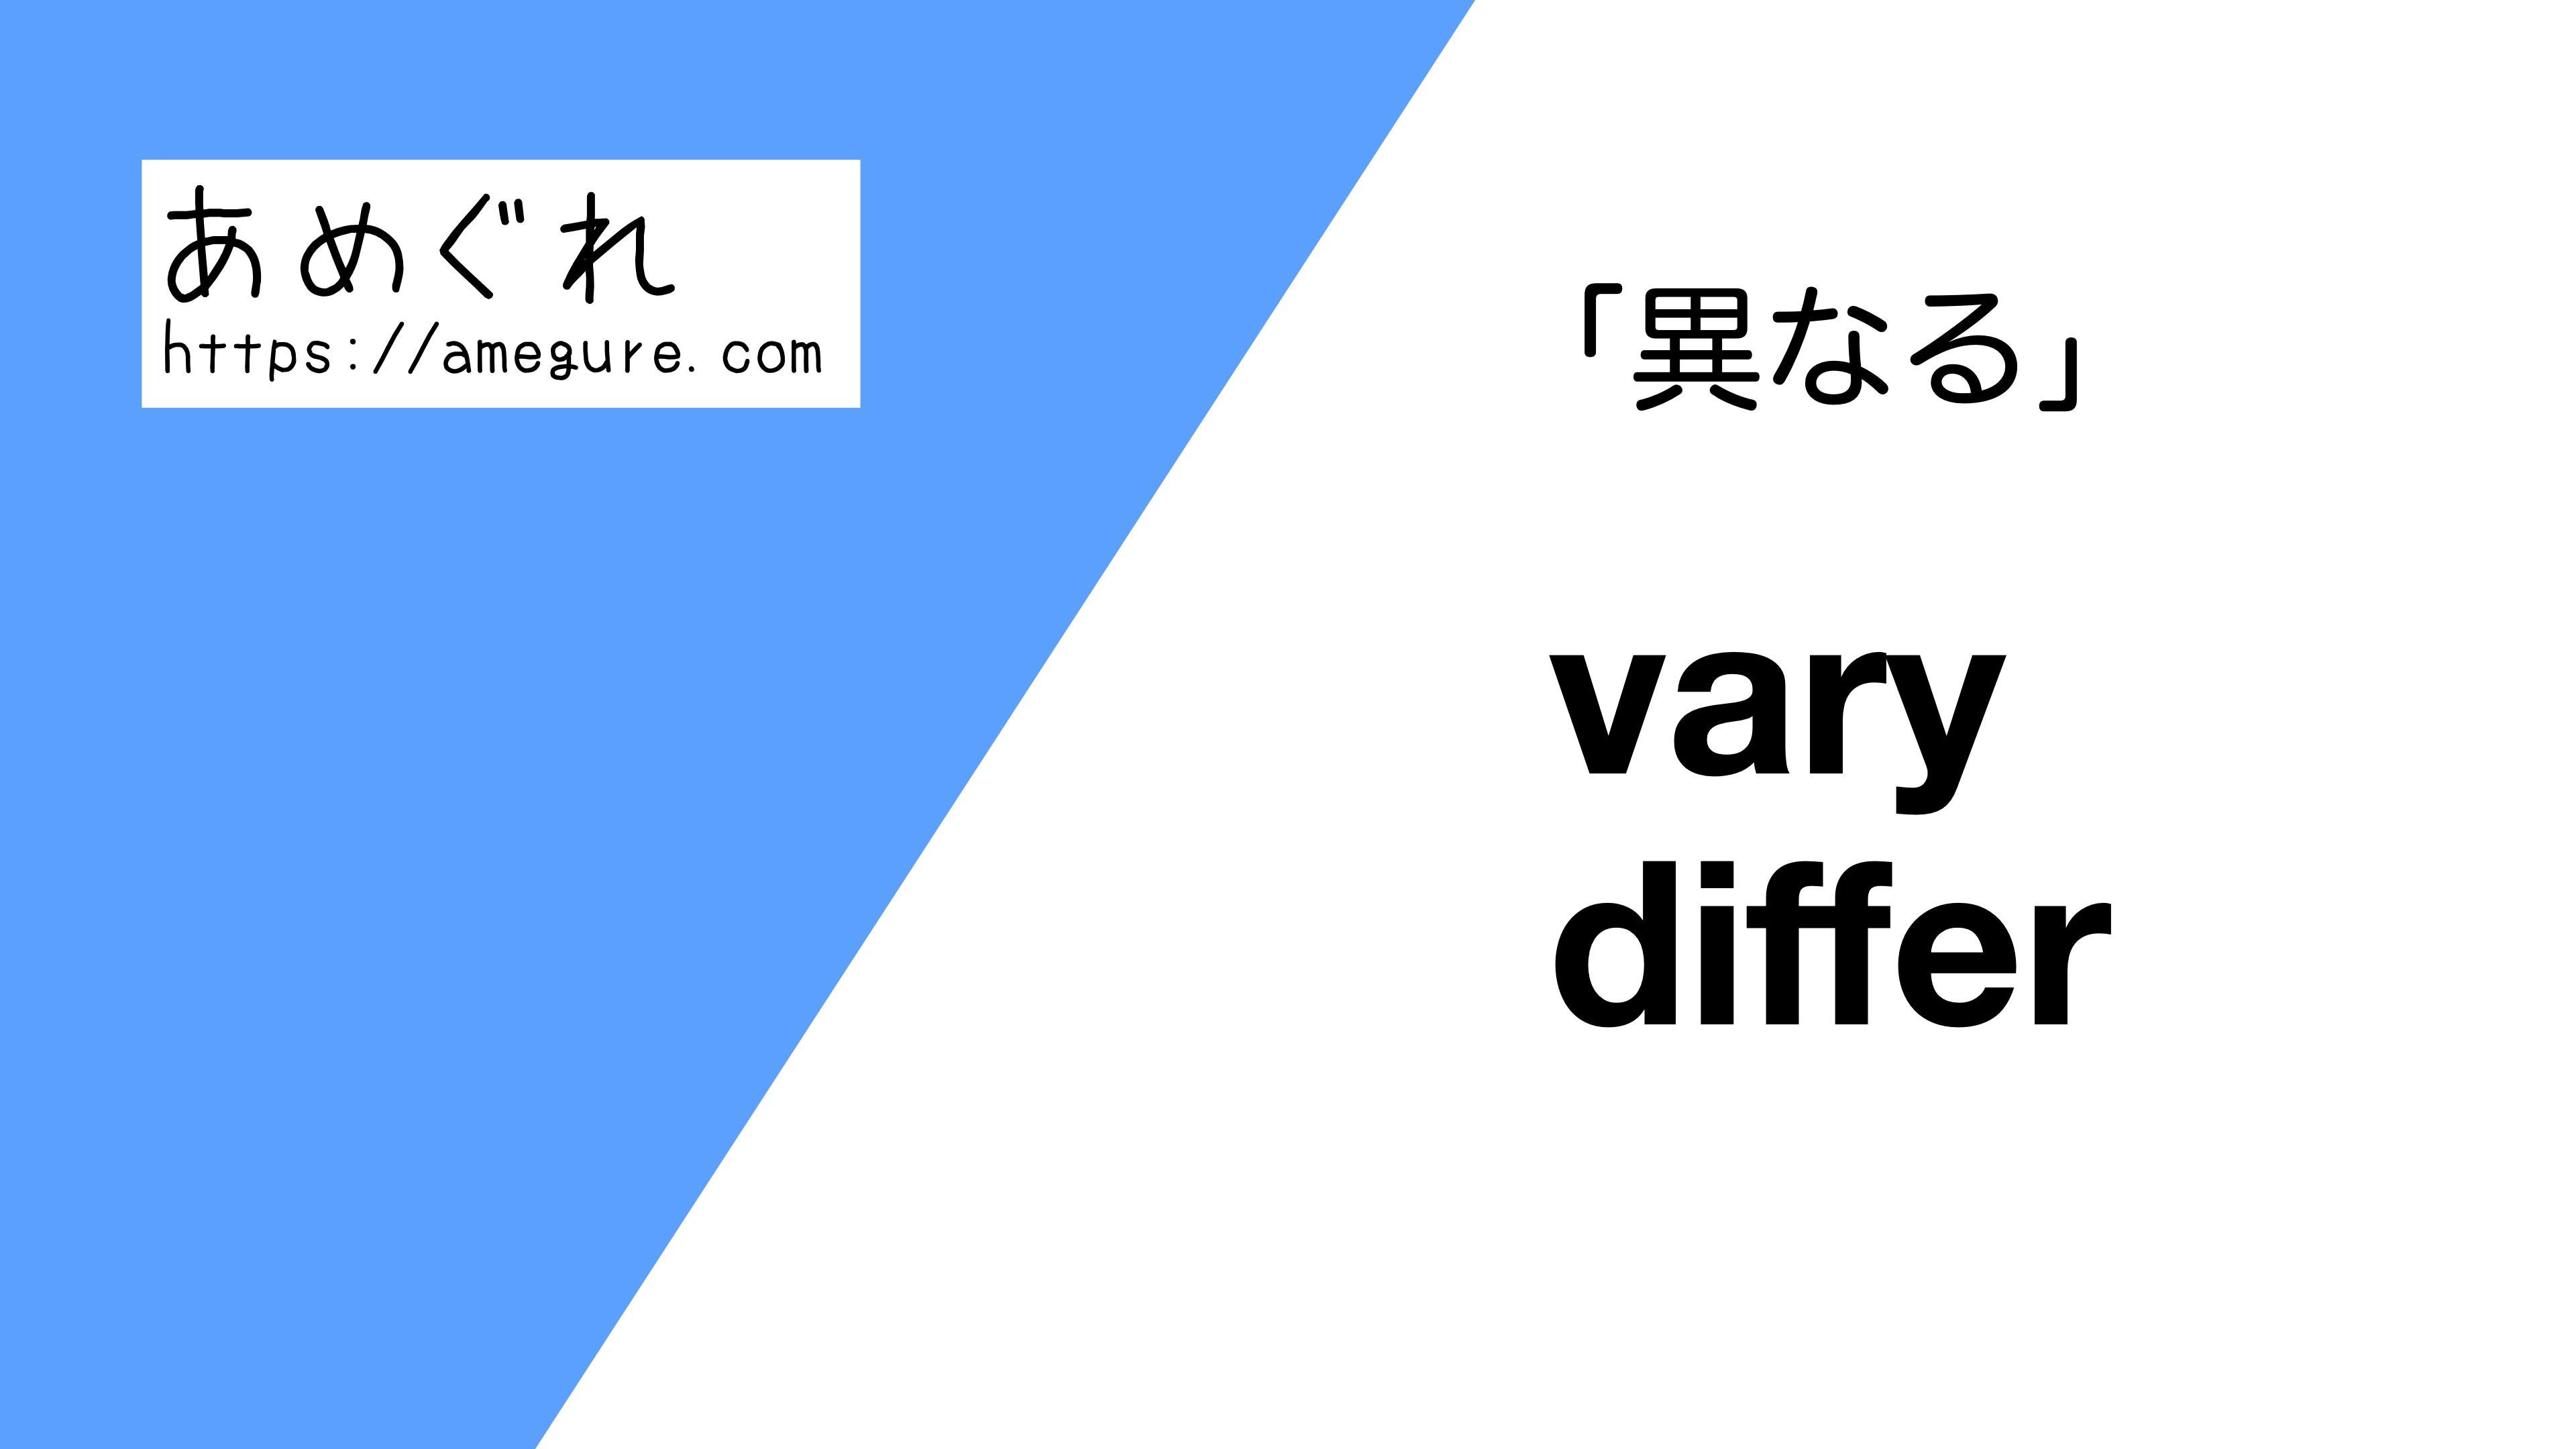 vary-differ違い